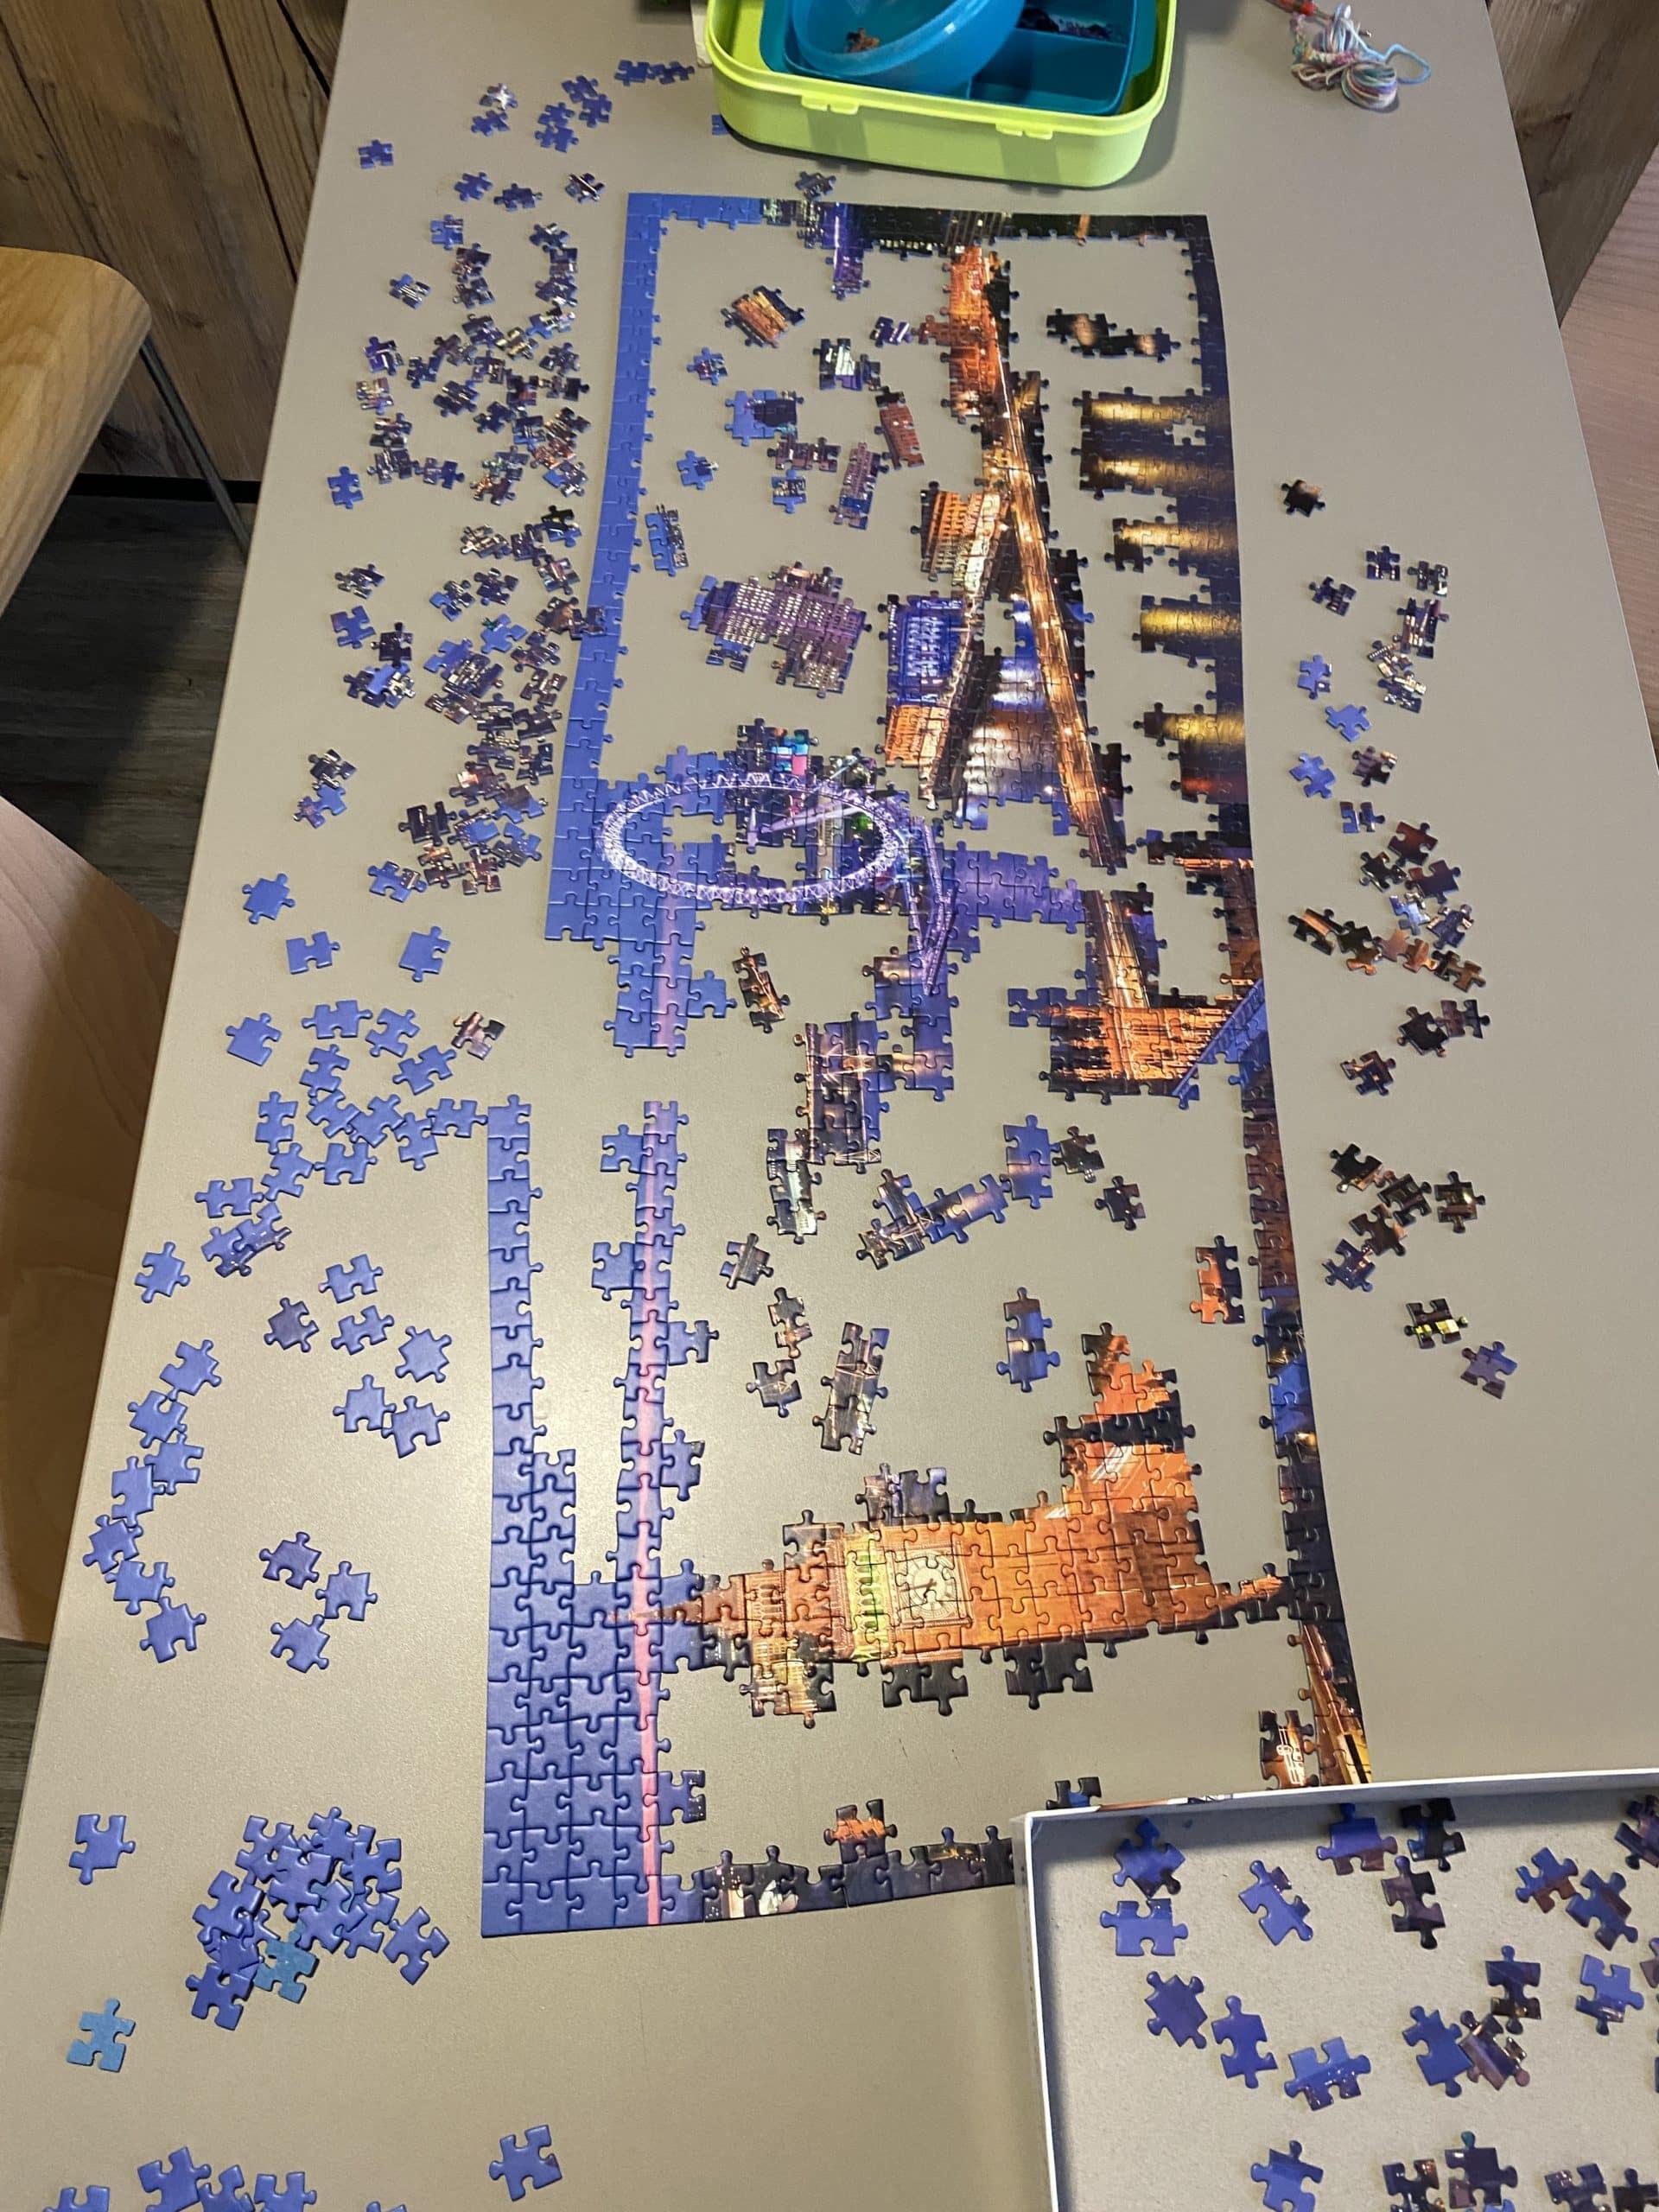 #12 Am Abend versuchen wir uns am Puzzle, das geht langsam voran.